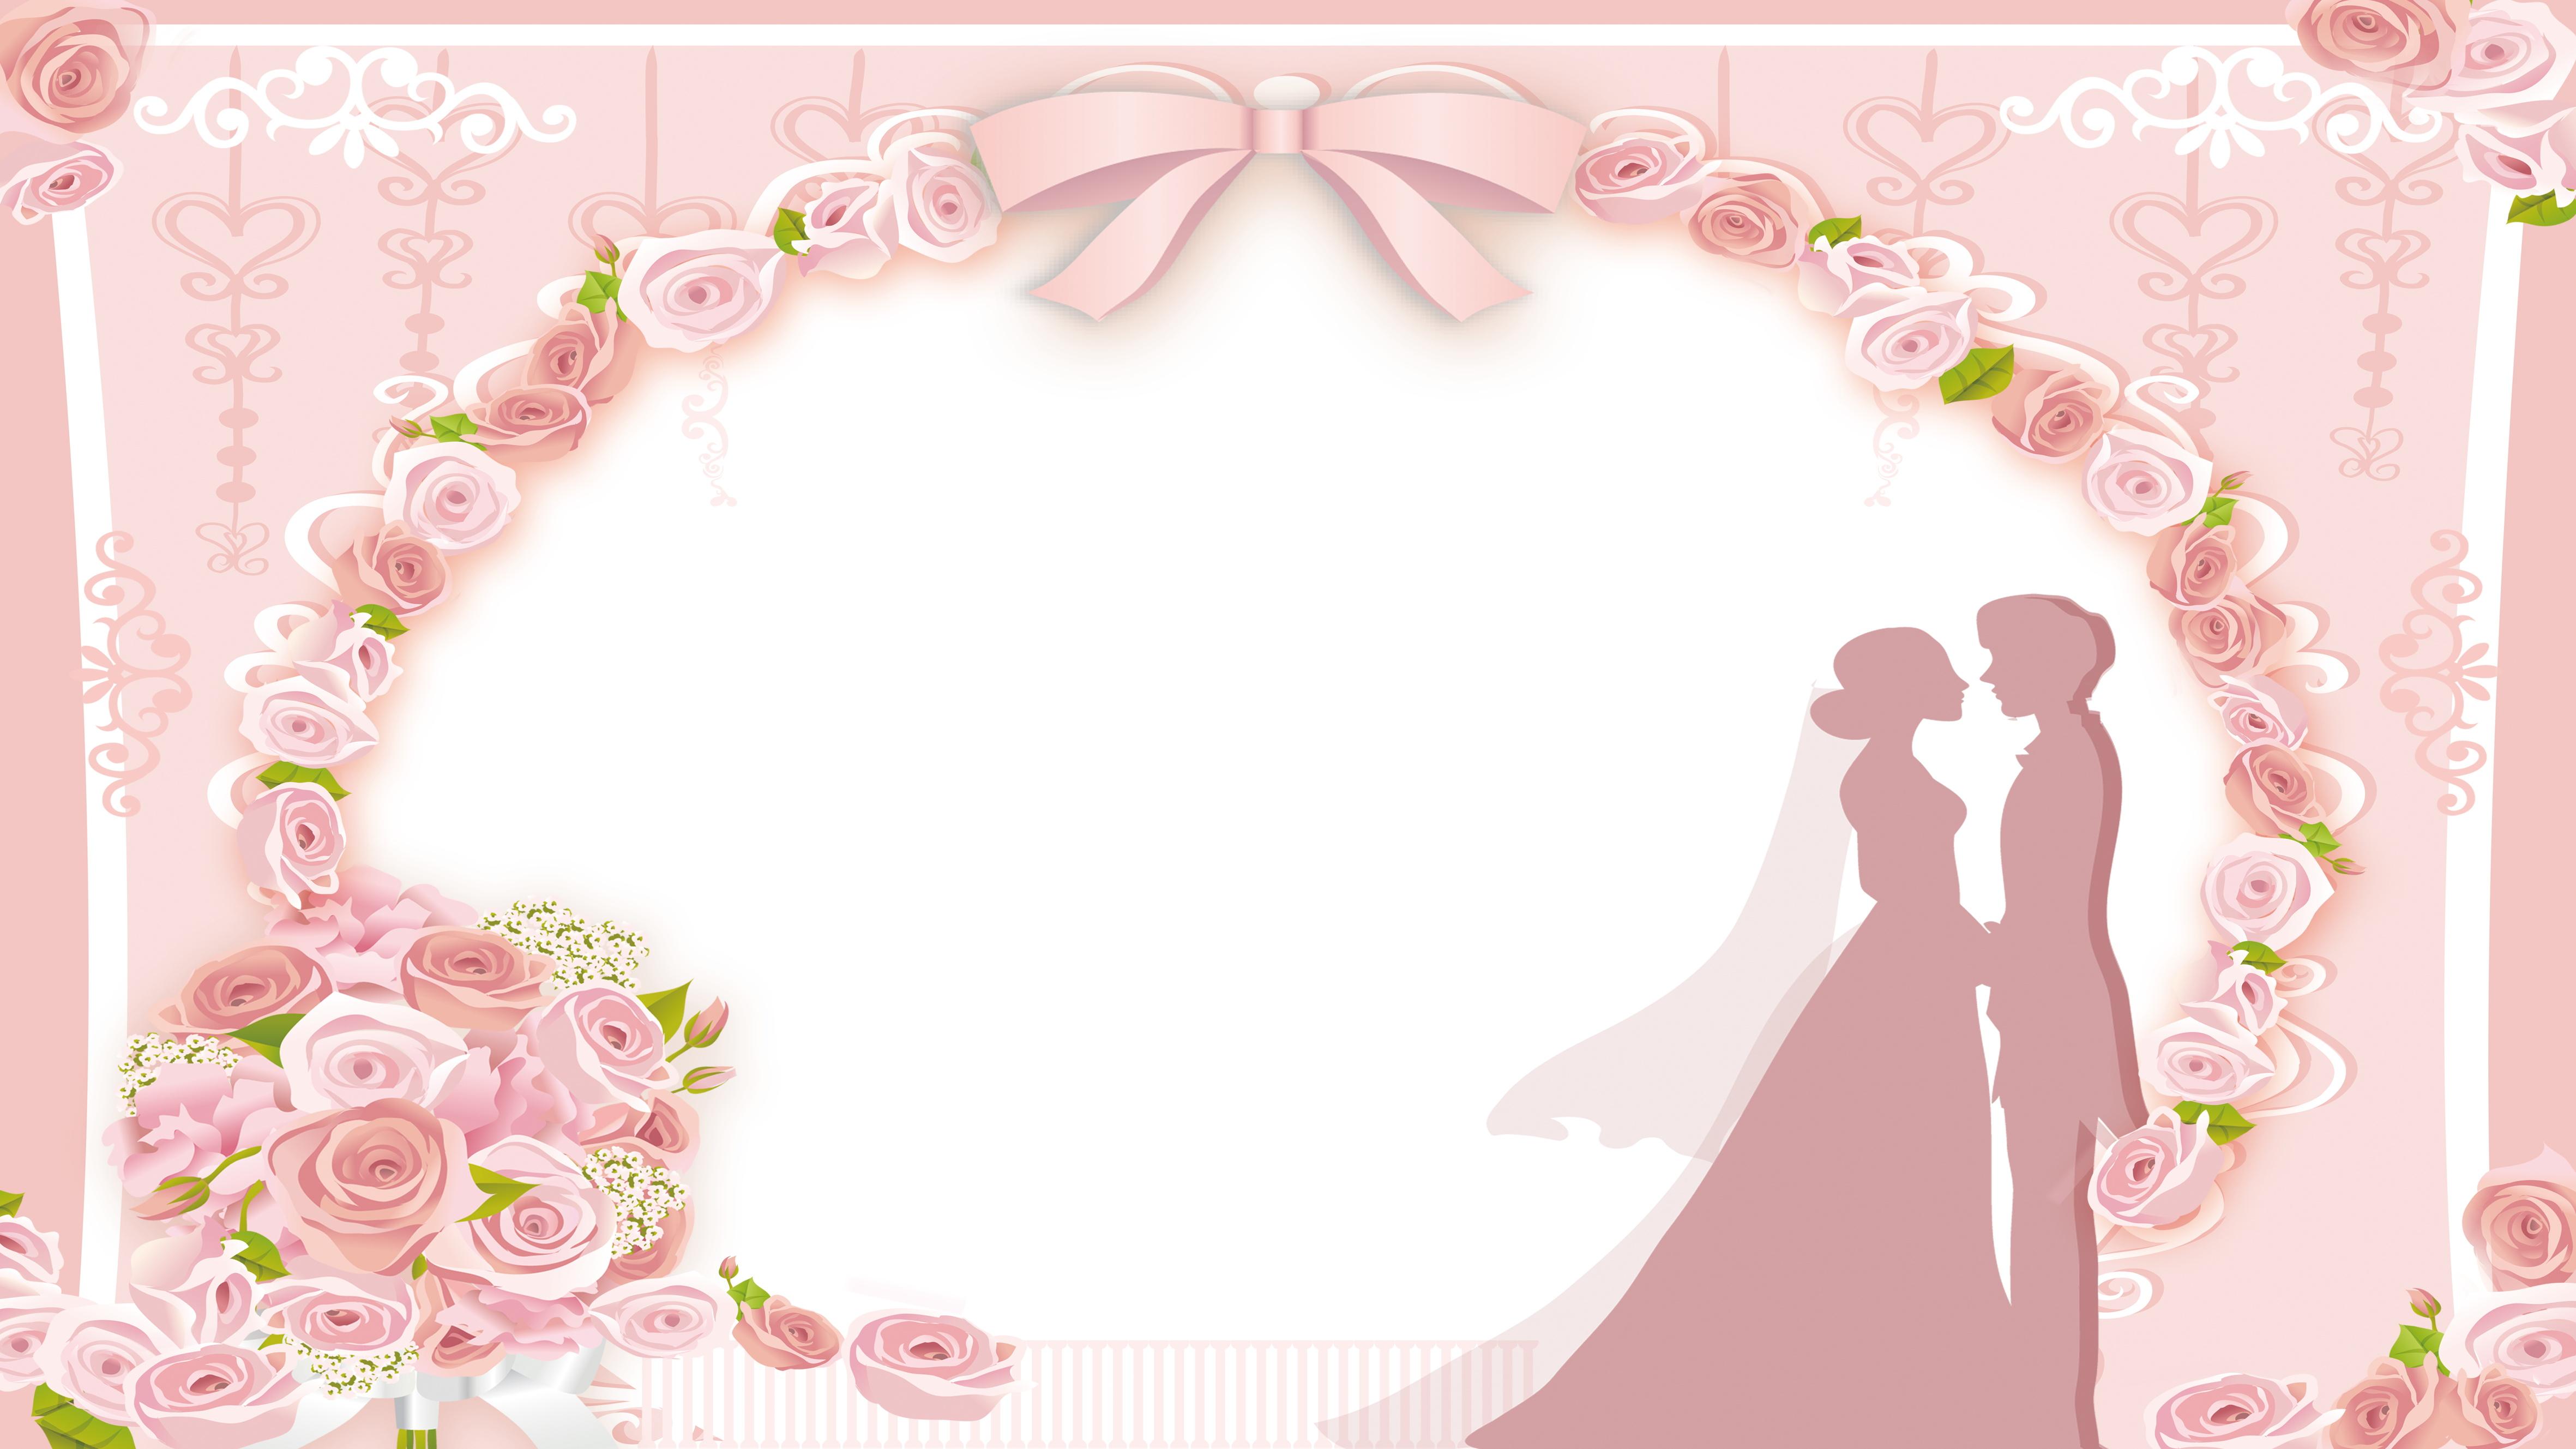 Марта, фон для свадебной открытки розовый